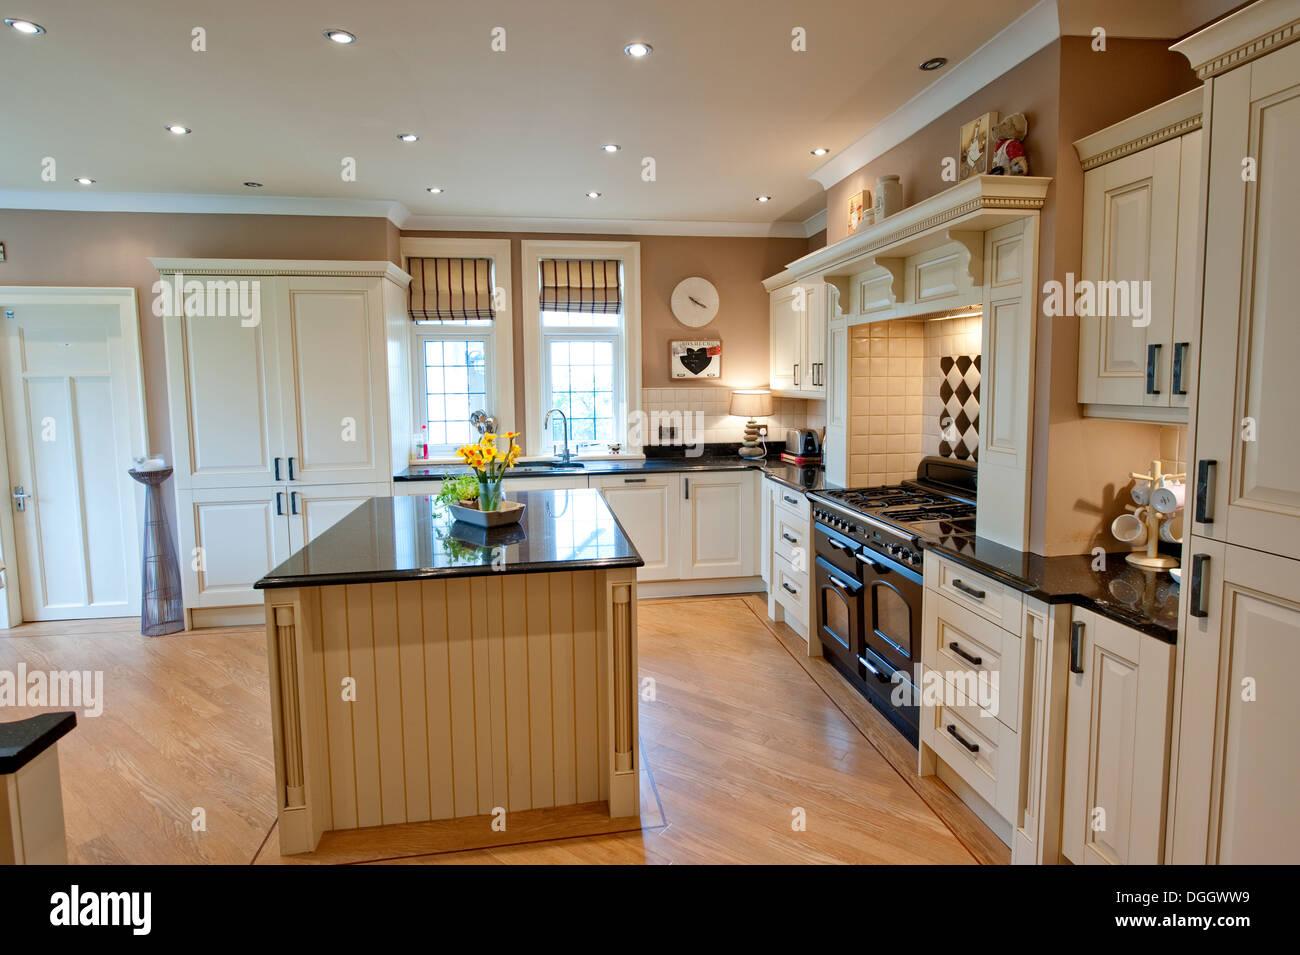 Fantastisch Englischen Landhaus Kche Aga Holz Holz Insel Stockfoto Bild